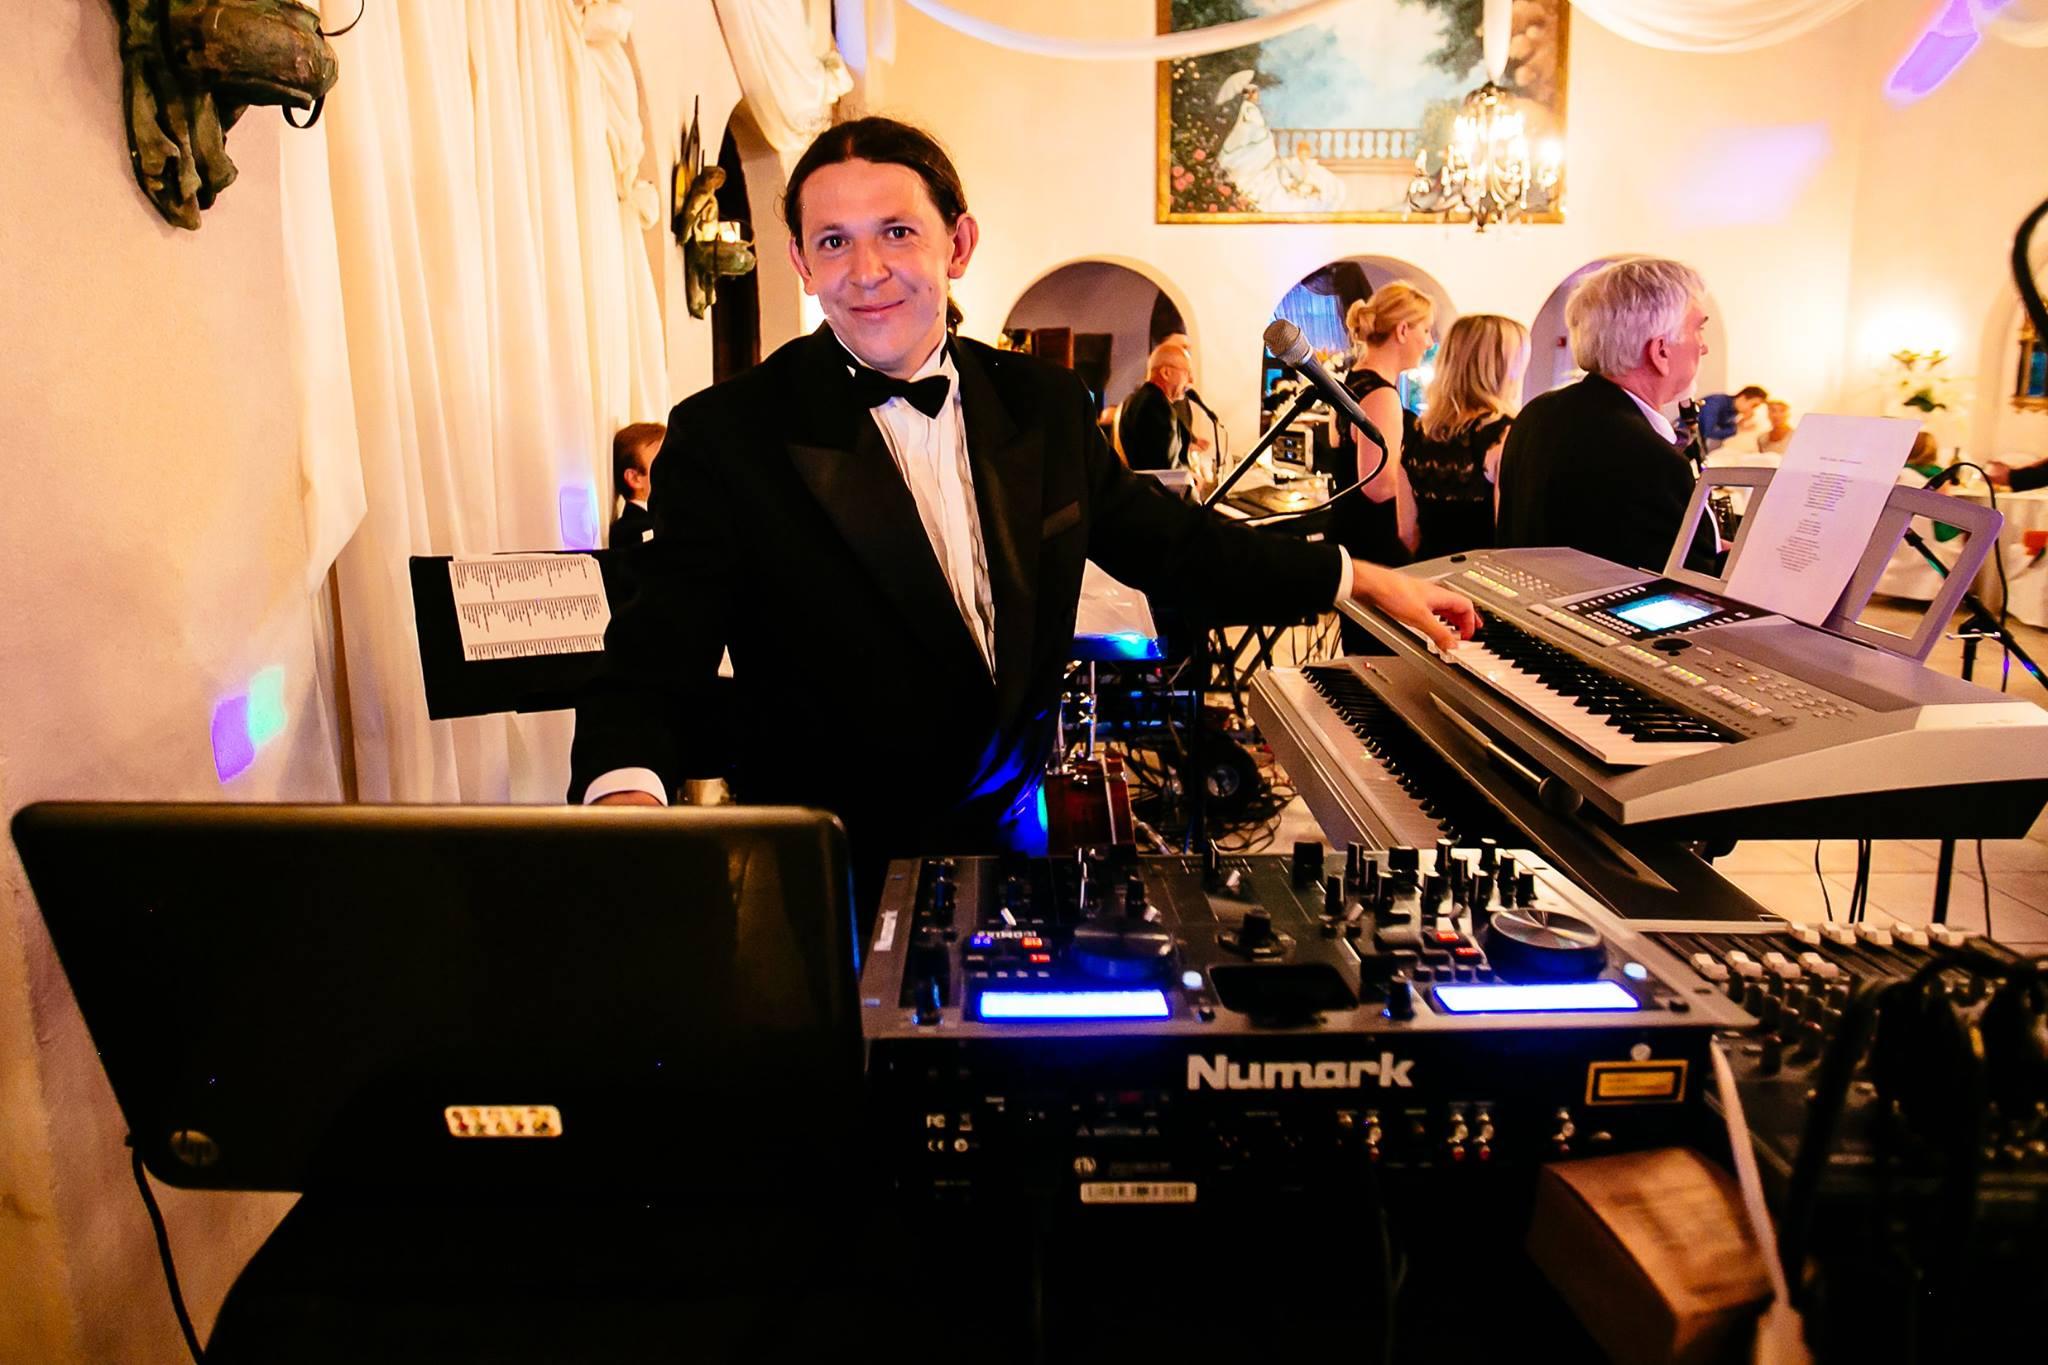 Na wesele i polski bal DJ w NY, NJ, PA - DJ Halat i zespół muzyczny